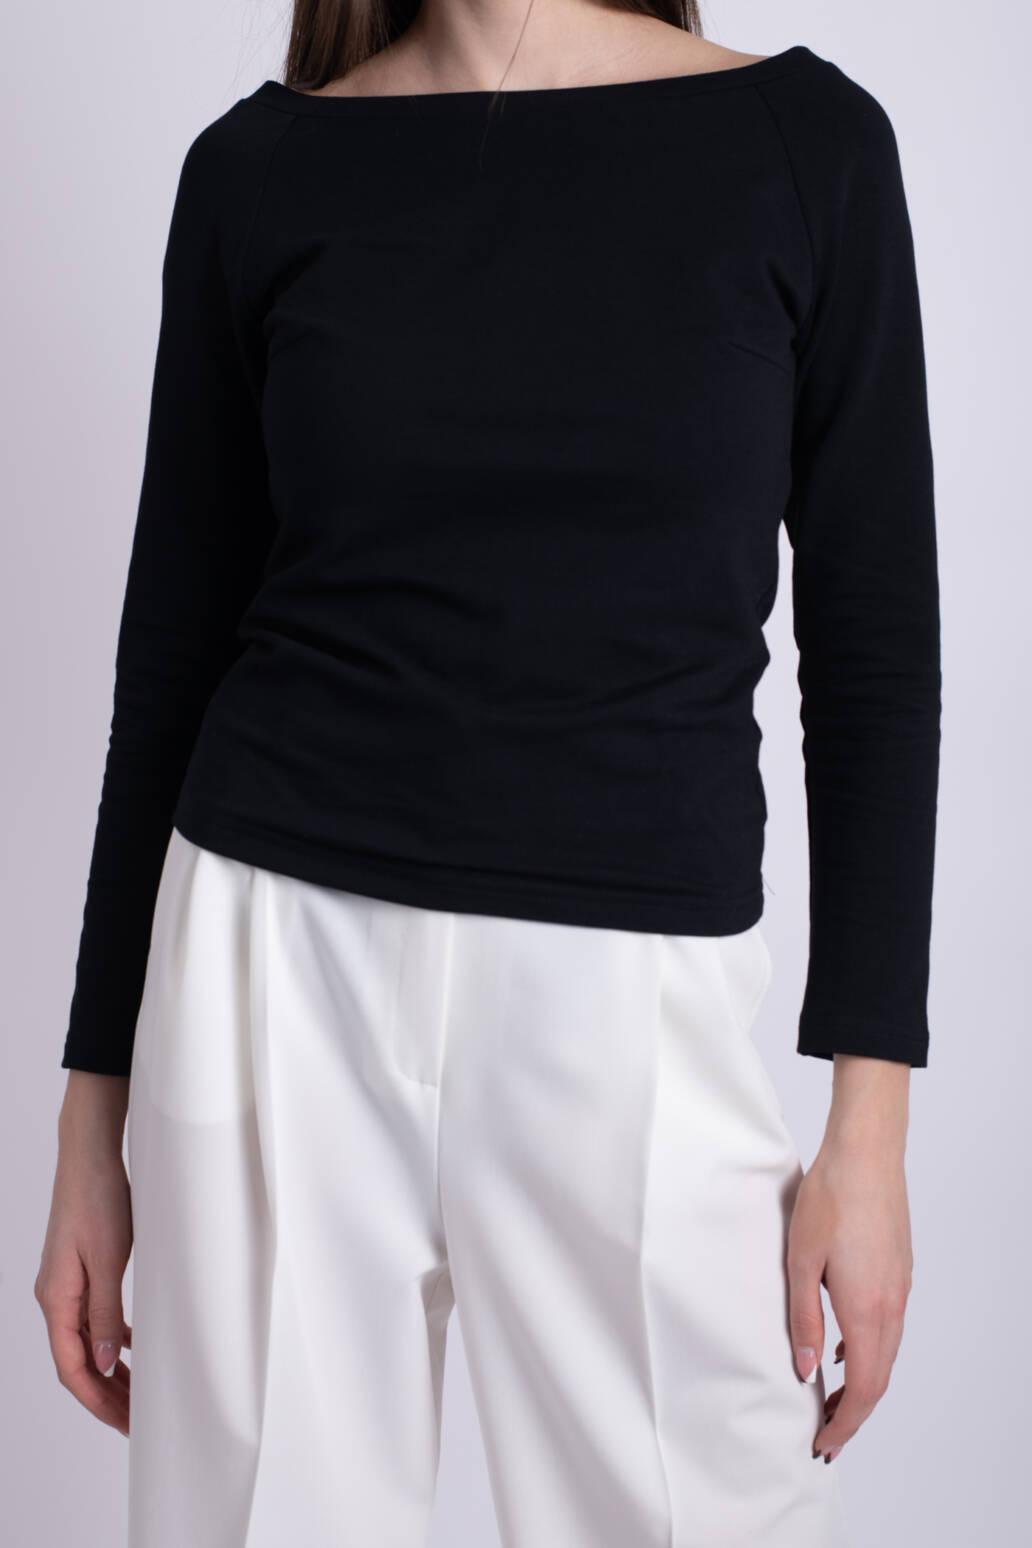 bluza neagra ladonna simpla